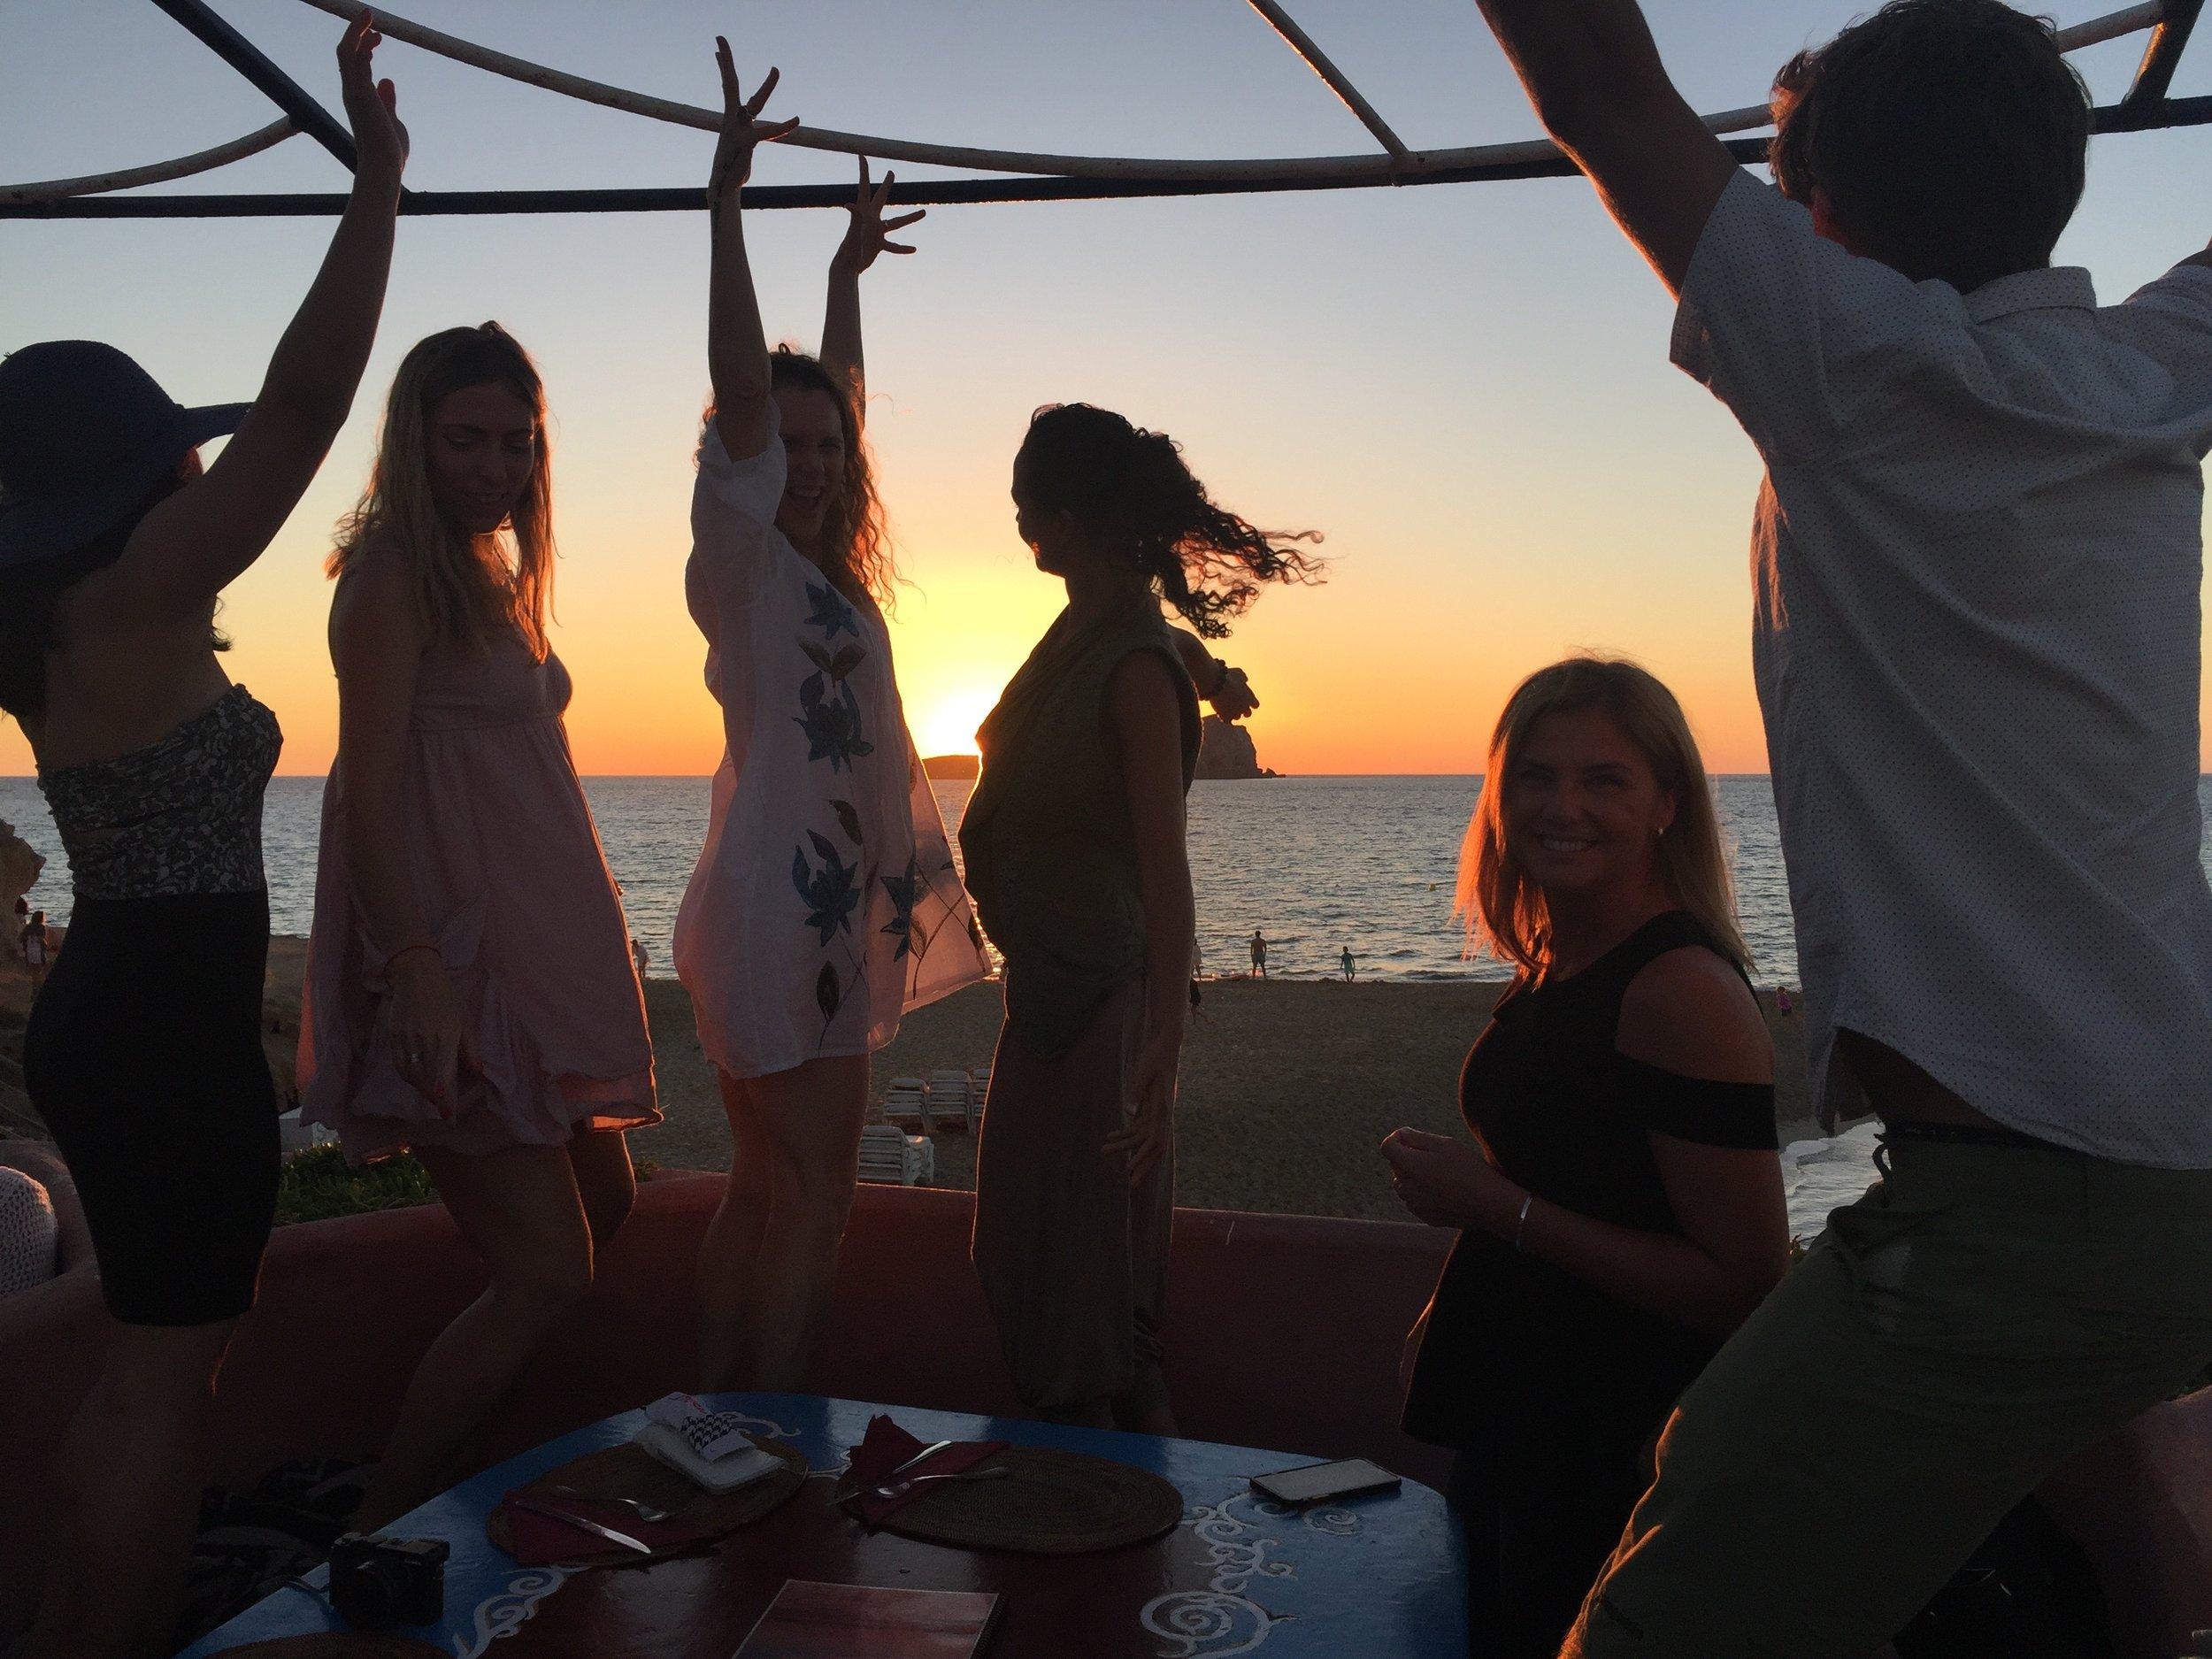 Dancing at Ibizan sunset